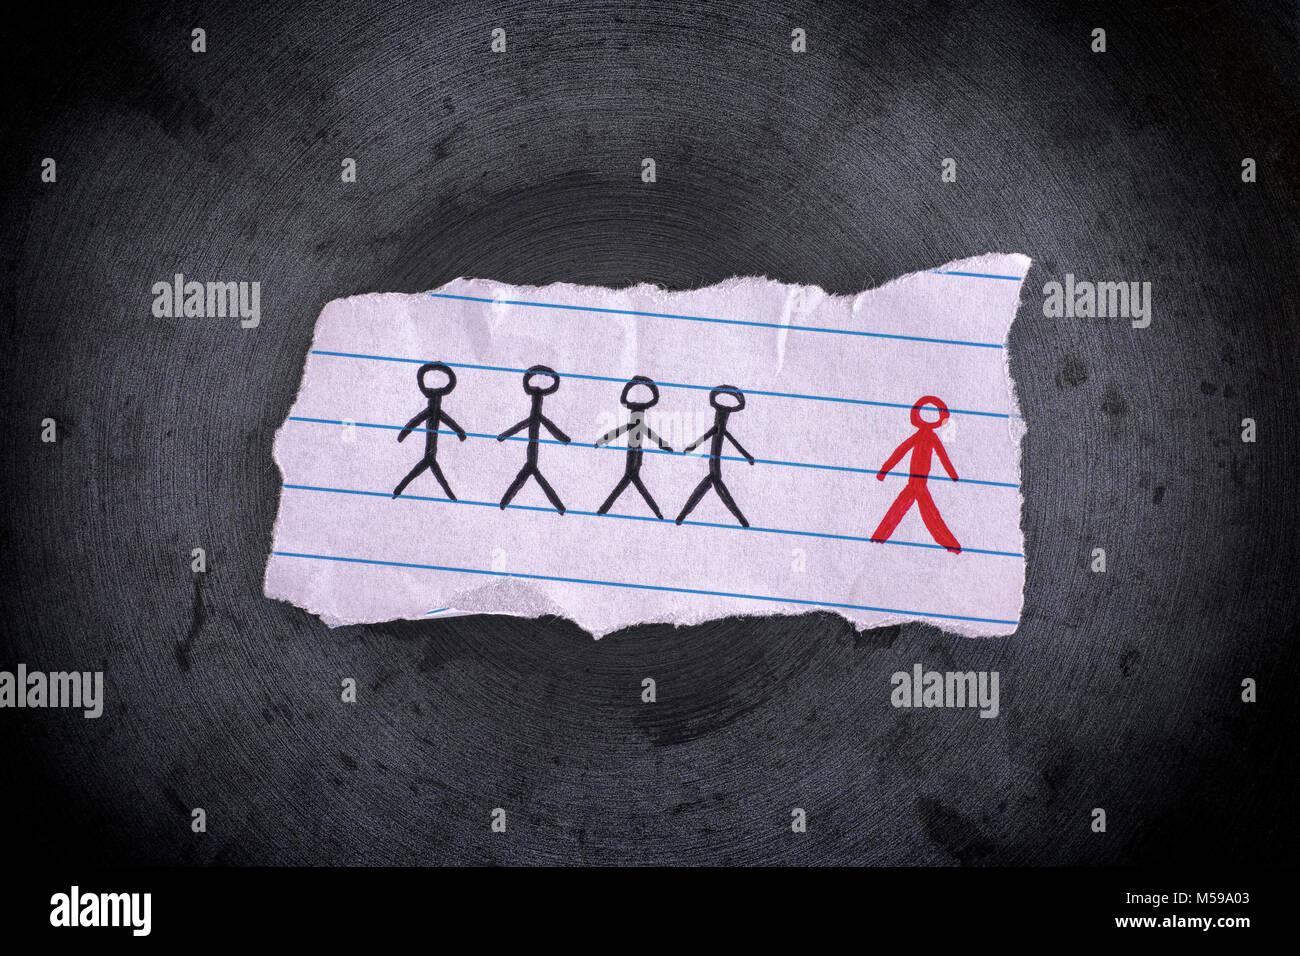 Feuille de papier, attiré des gens et le rouge est l'intrus. Notion de droit. Close up. Photo Stock